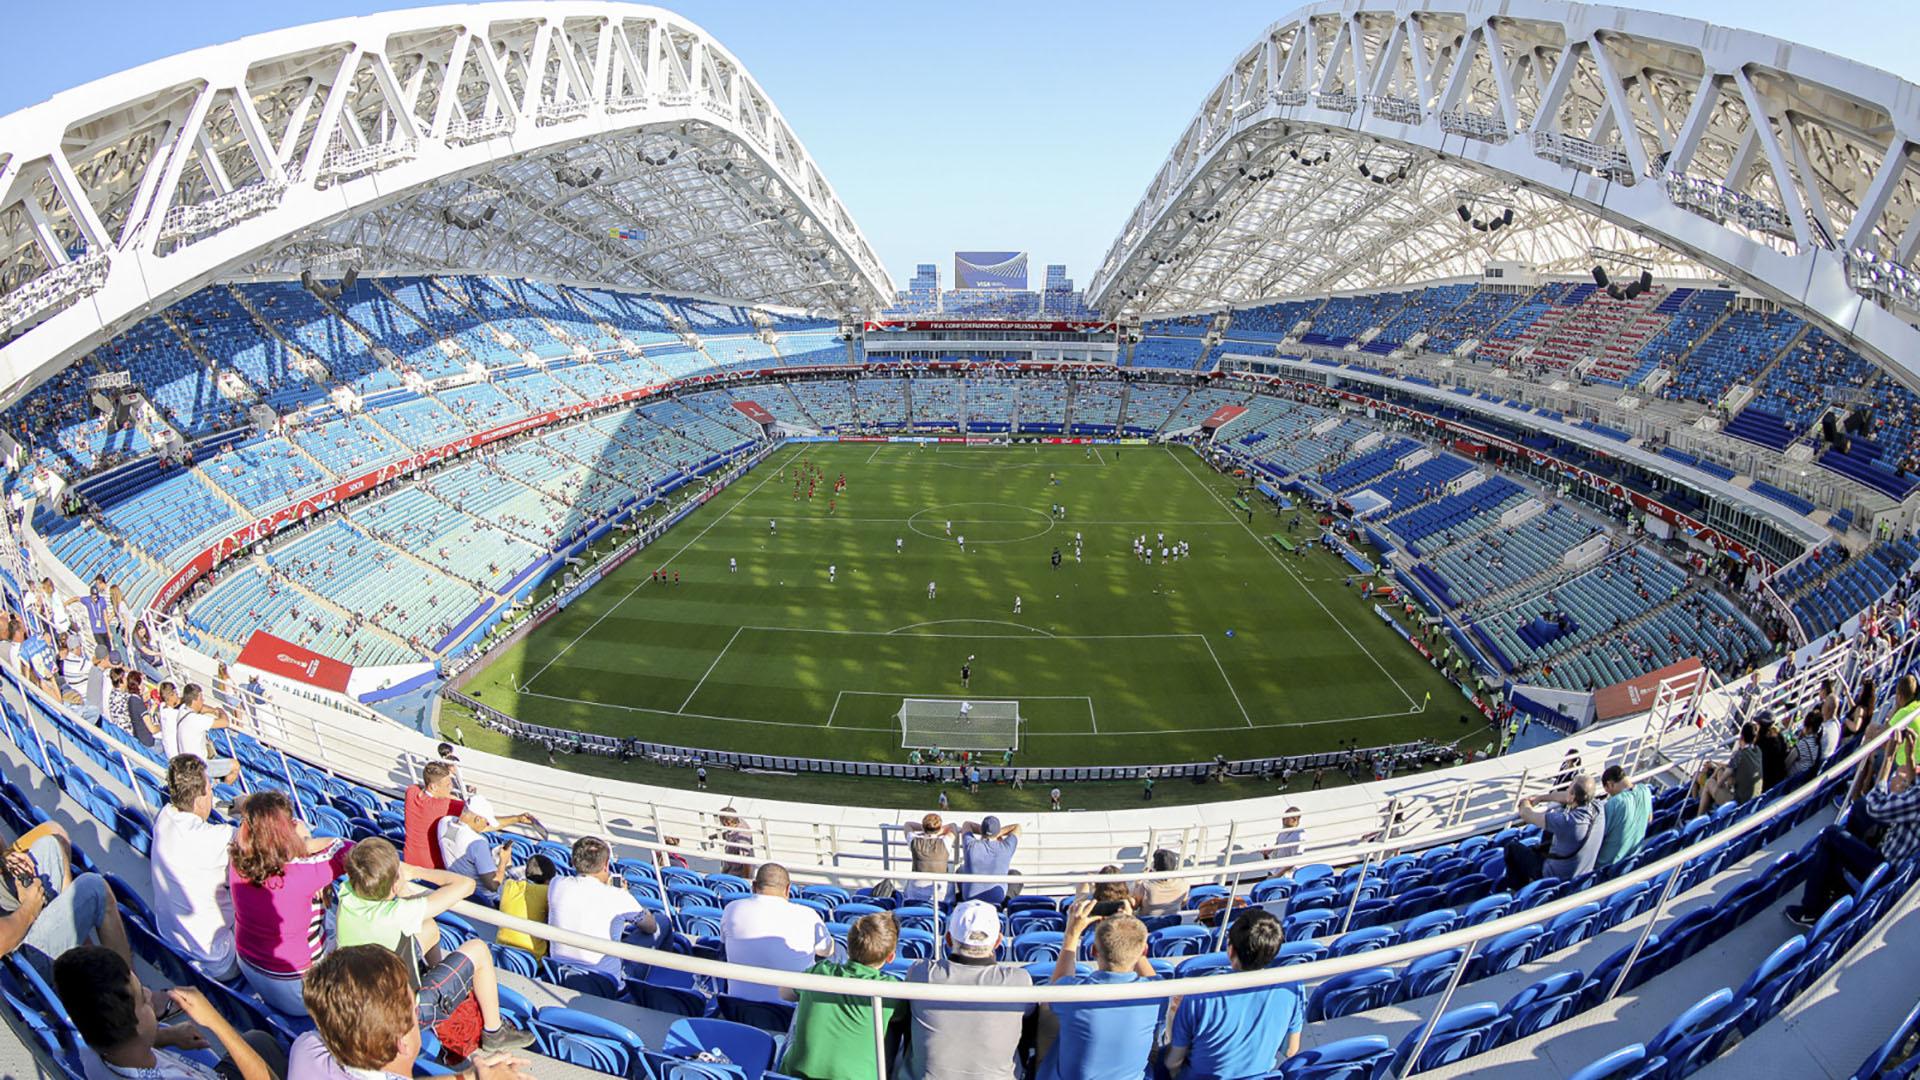 El Mundial comenzará el jueves con el partido inaugural entre Rusia y Arabia Saudita